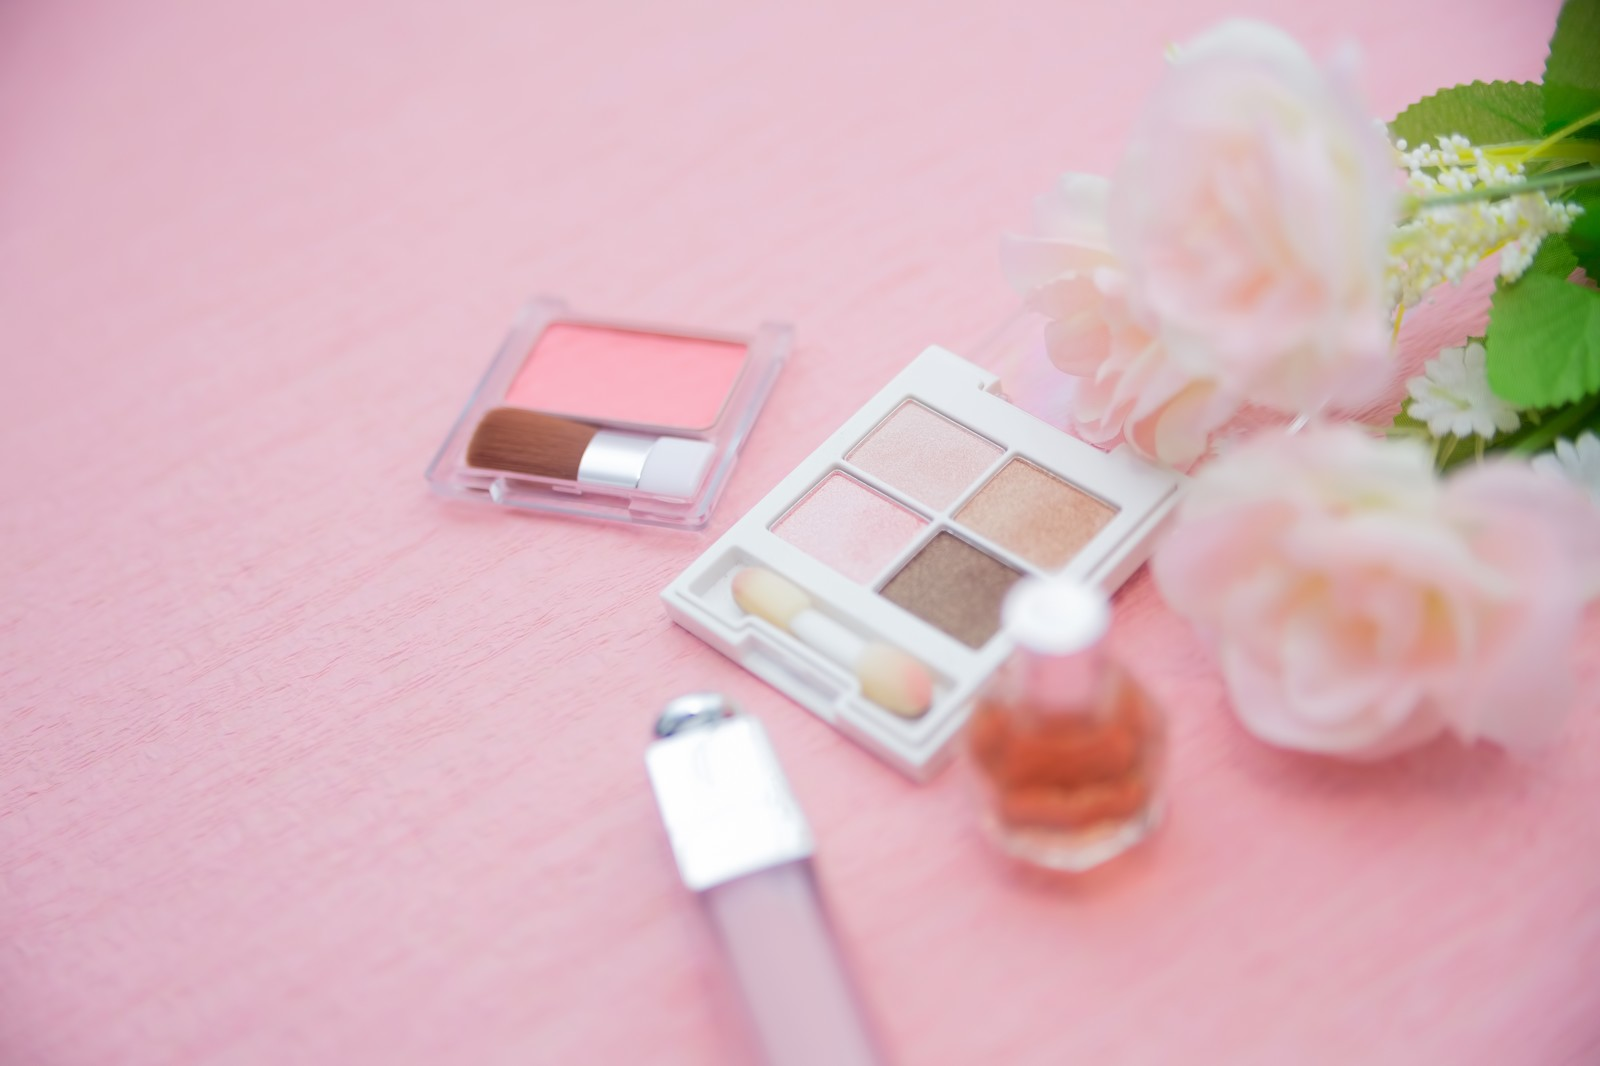 「化粧品セット化粧品セット」のフリー写真素材を拡大